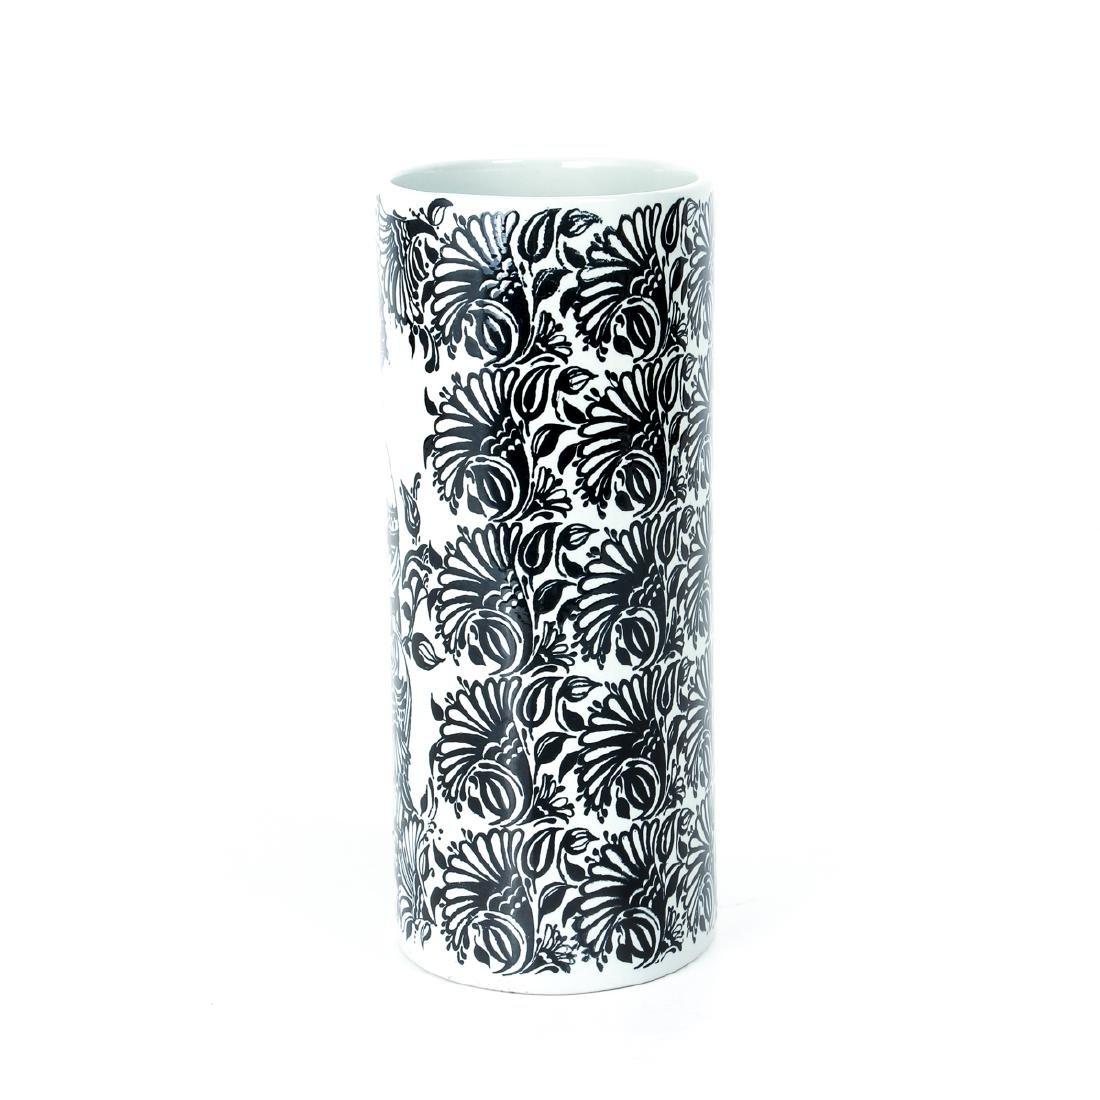 Bjorn Wiinblad Nymolle Petunia Vase - 2